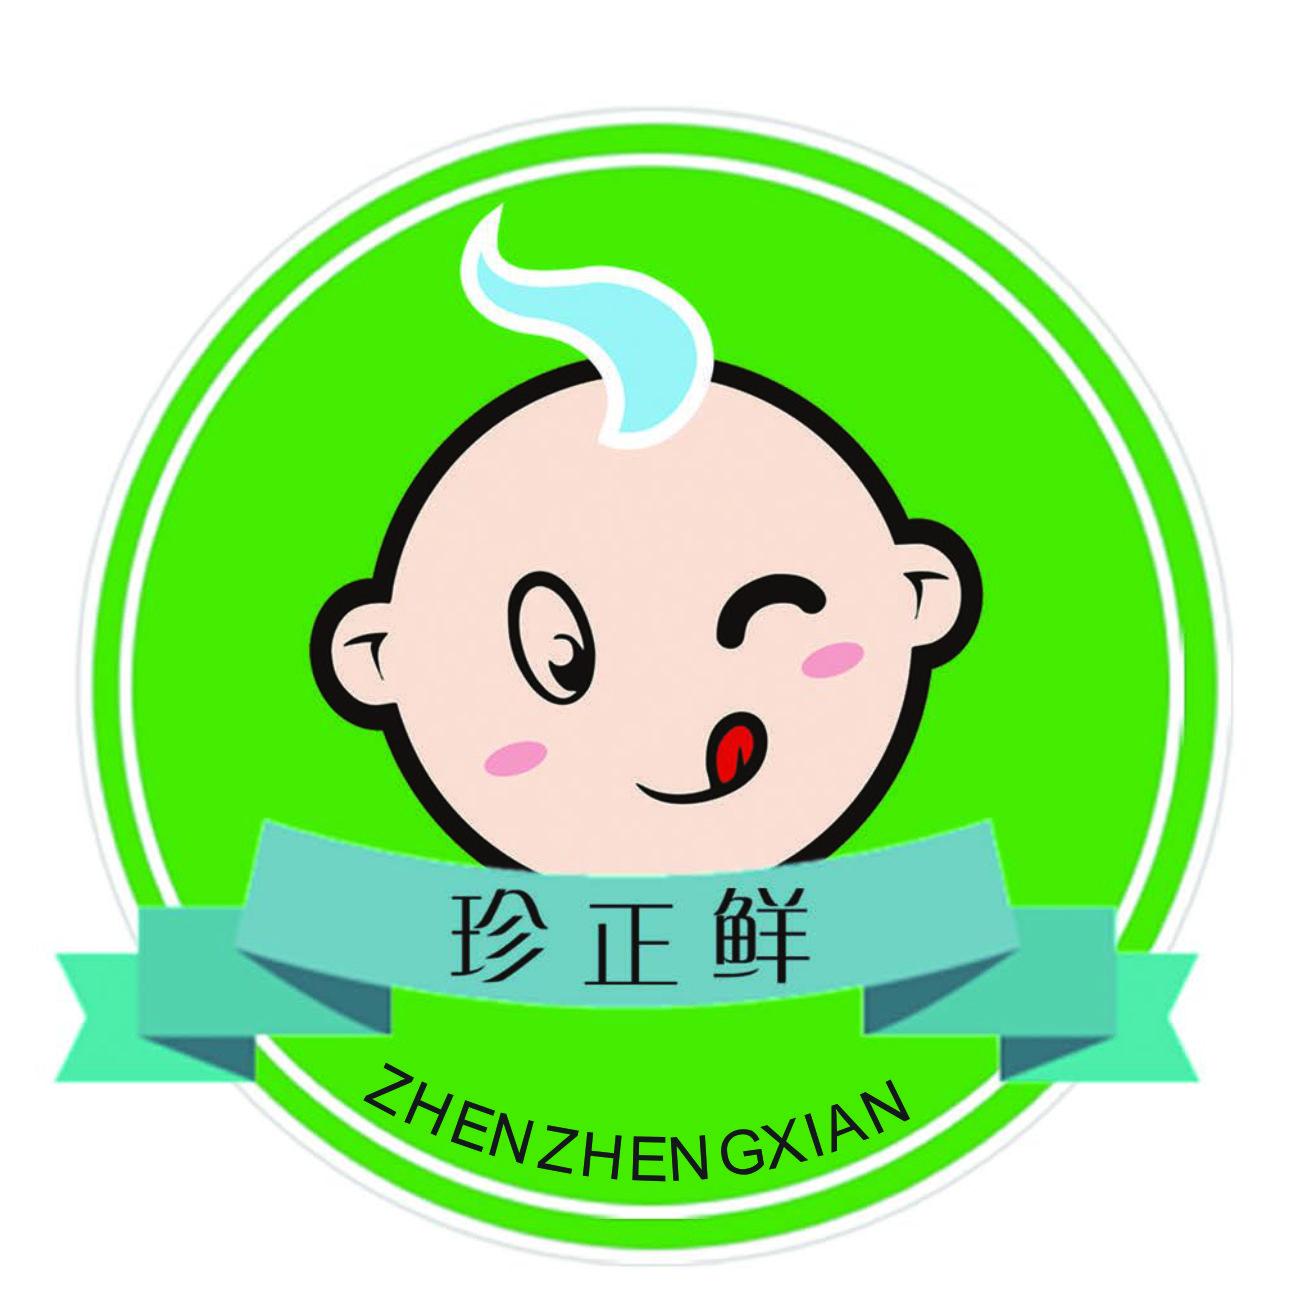 广州珍正鲜农业科技有限公司